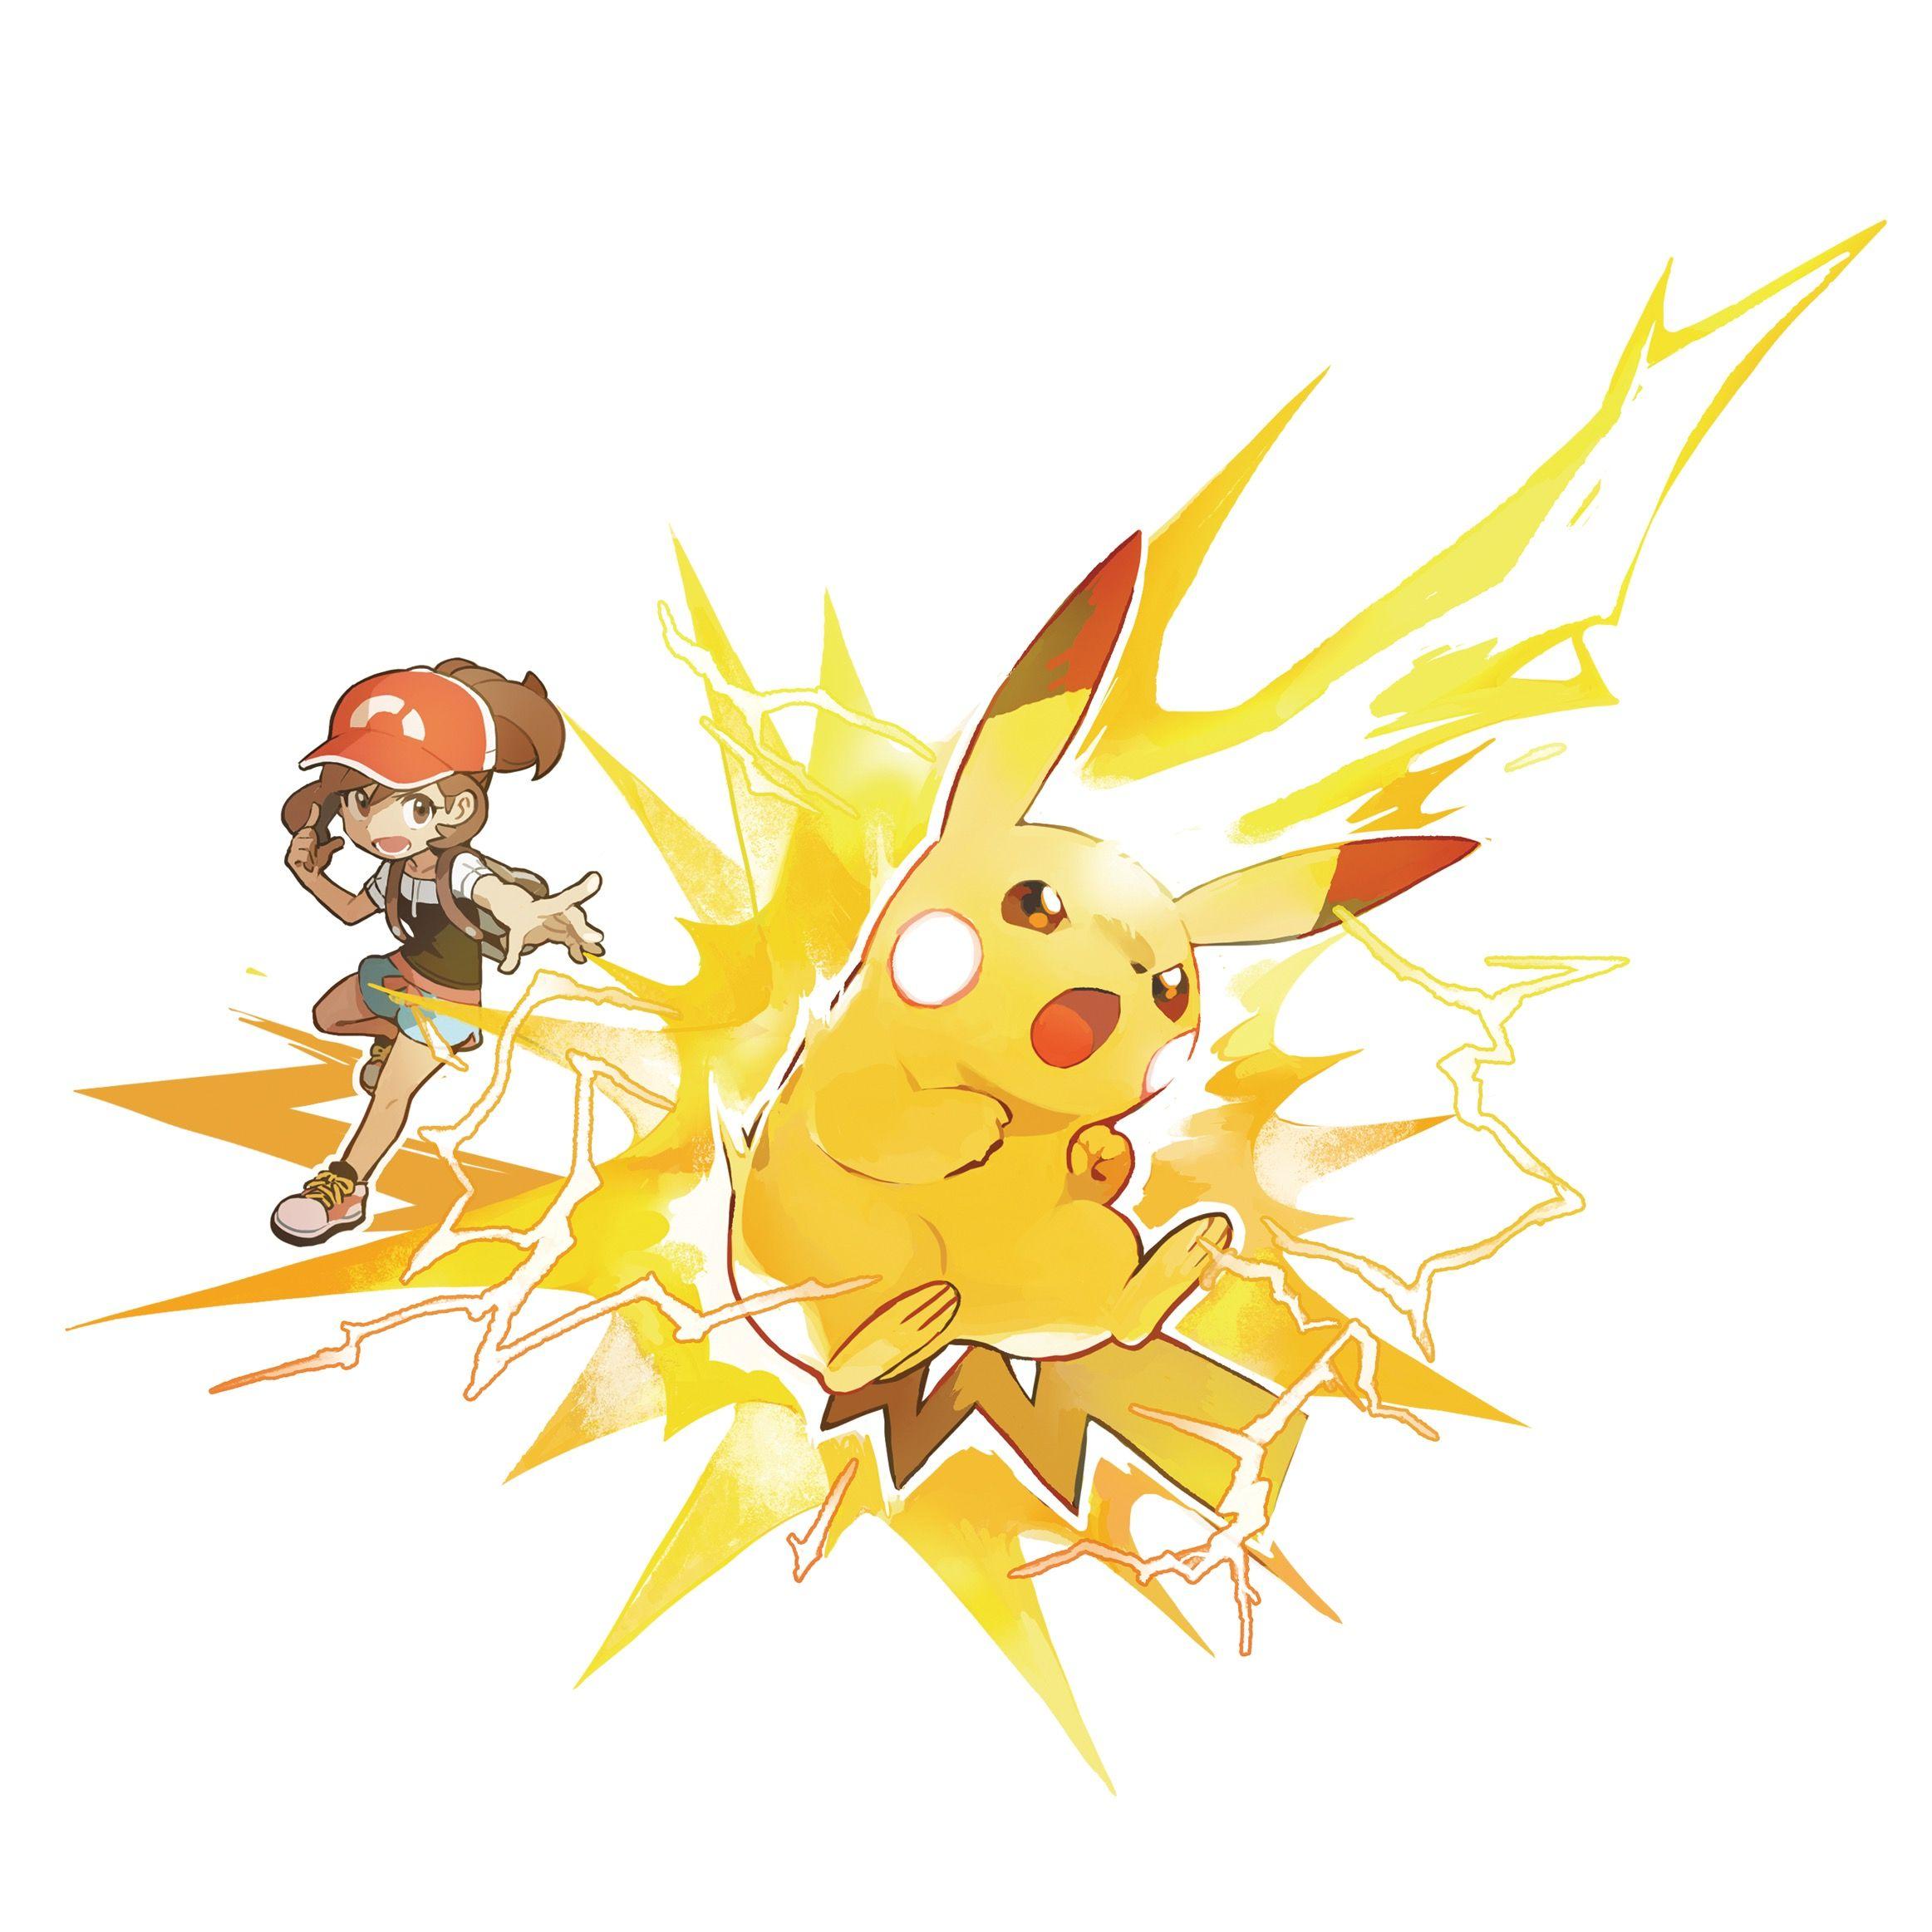 Reta A Los Entrenadores Maestros En Pokémon Pokemon Personajes Pokemon Arte Pokemon